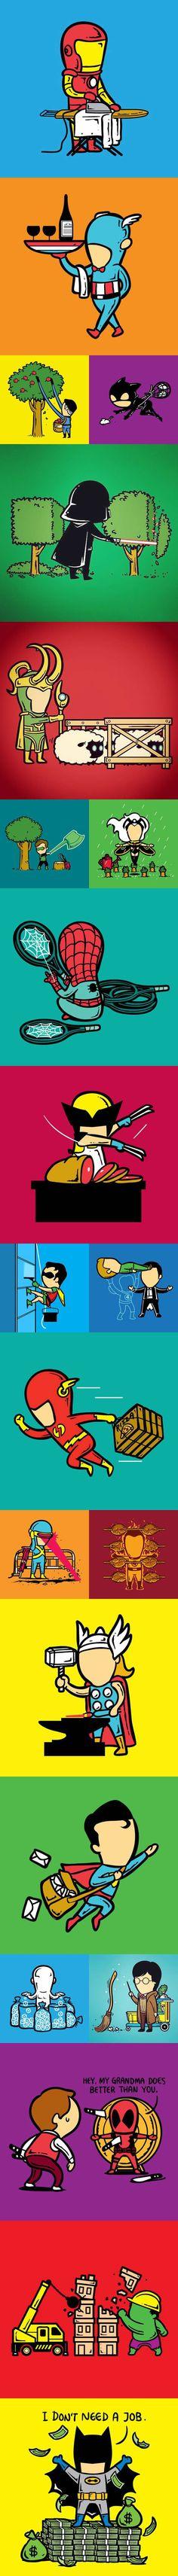 Superheroes Jobs